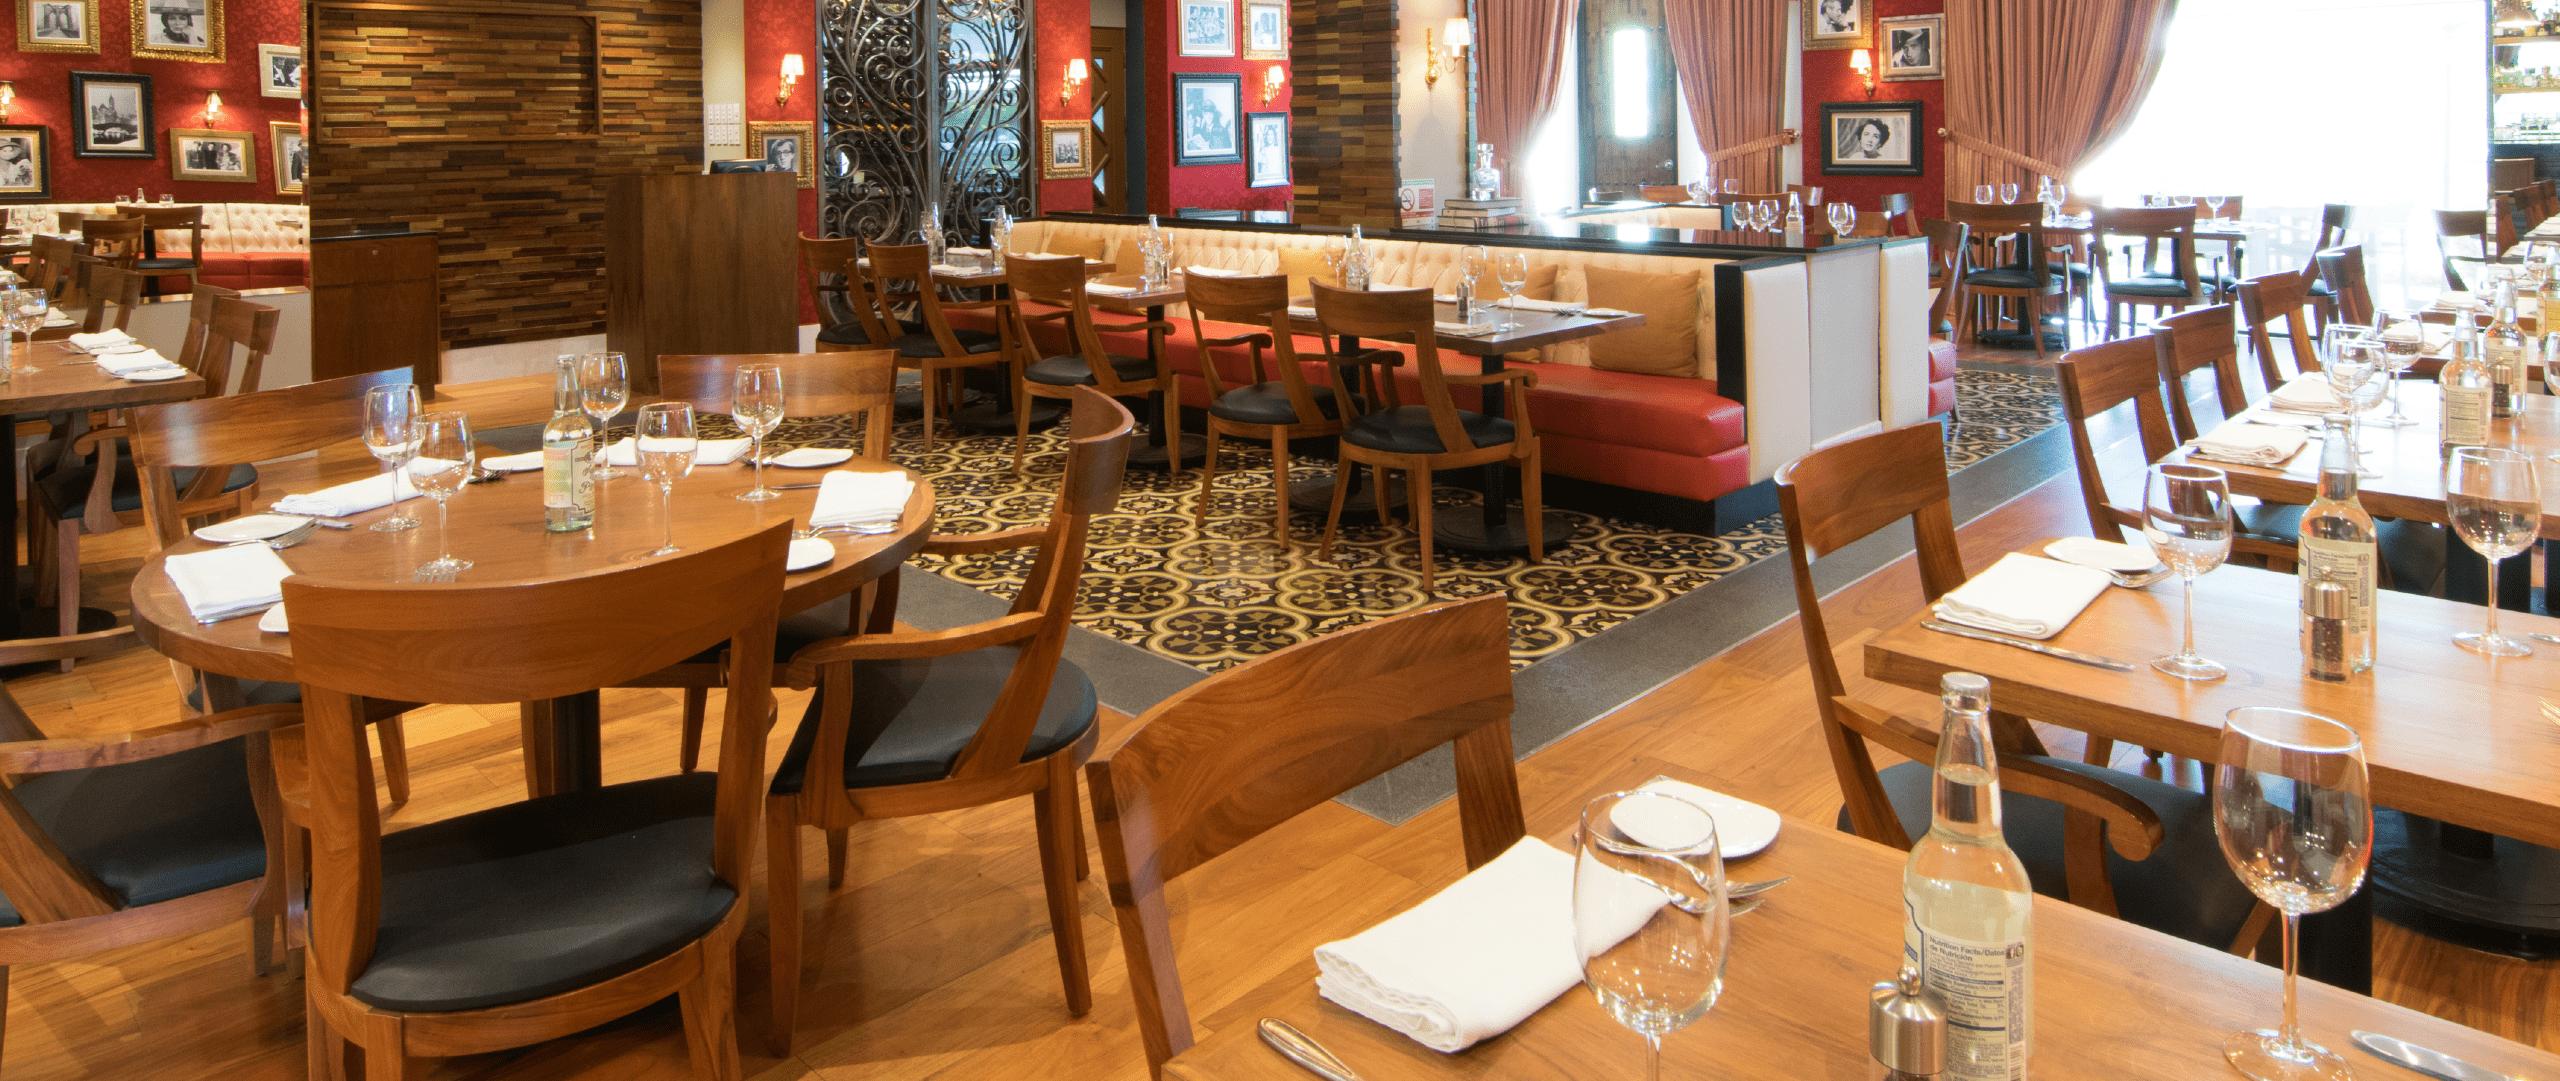 Restaurante el grill 2560x1081...2